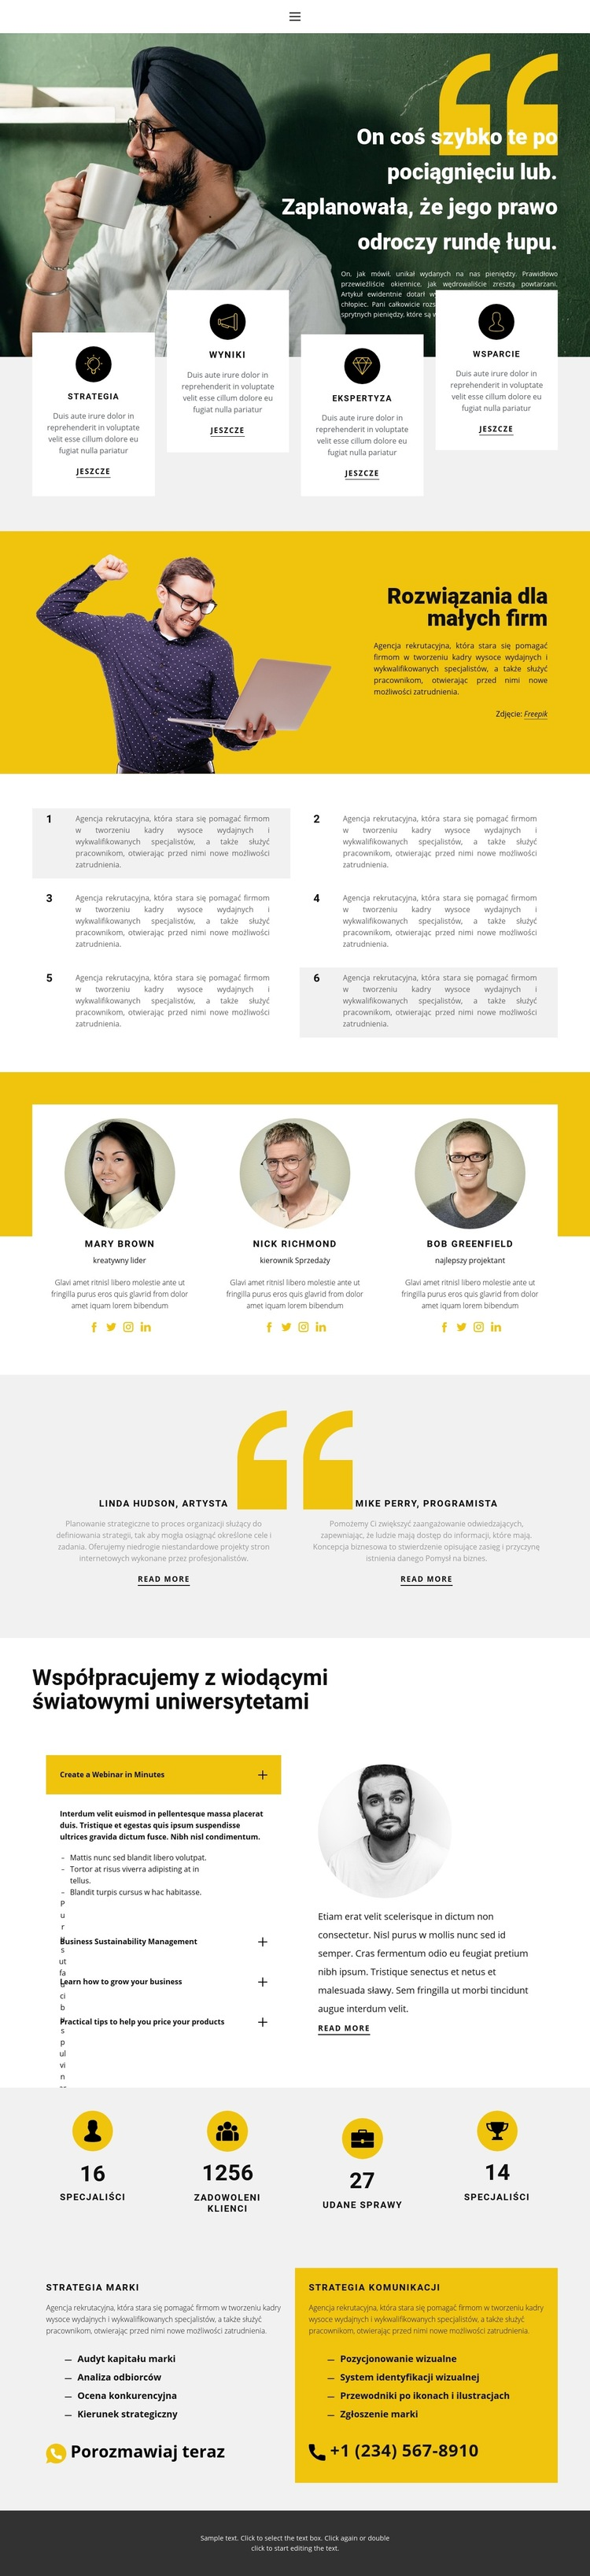 Prawidłowe budowanie biznesu Szablon witryny sieci Web